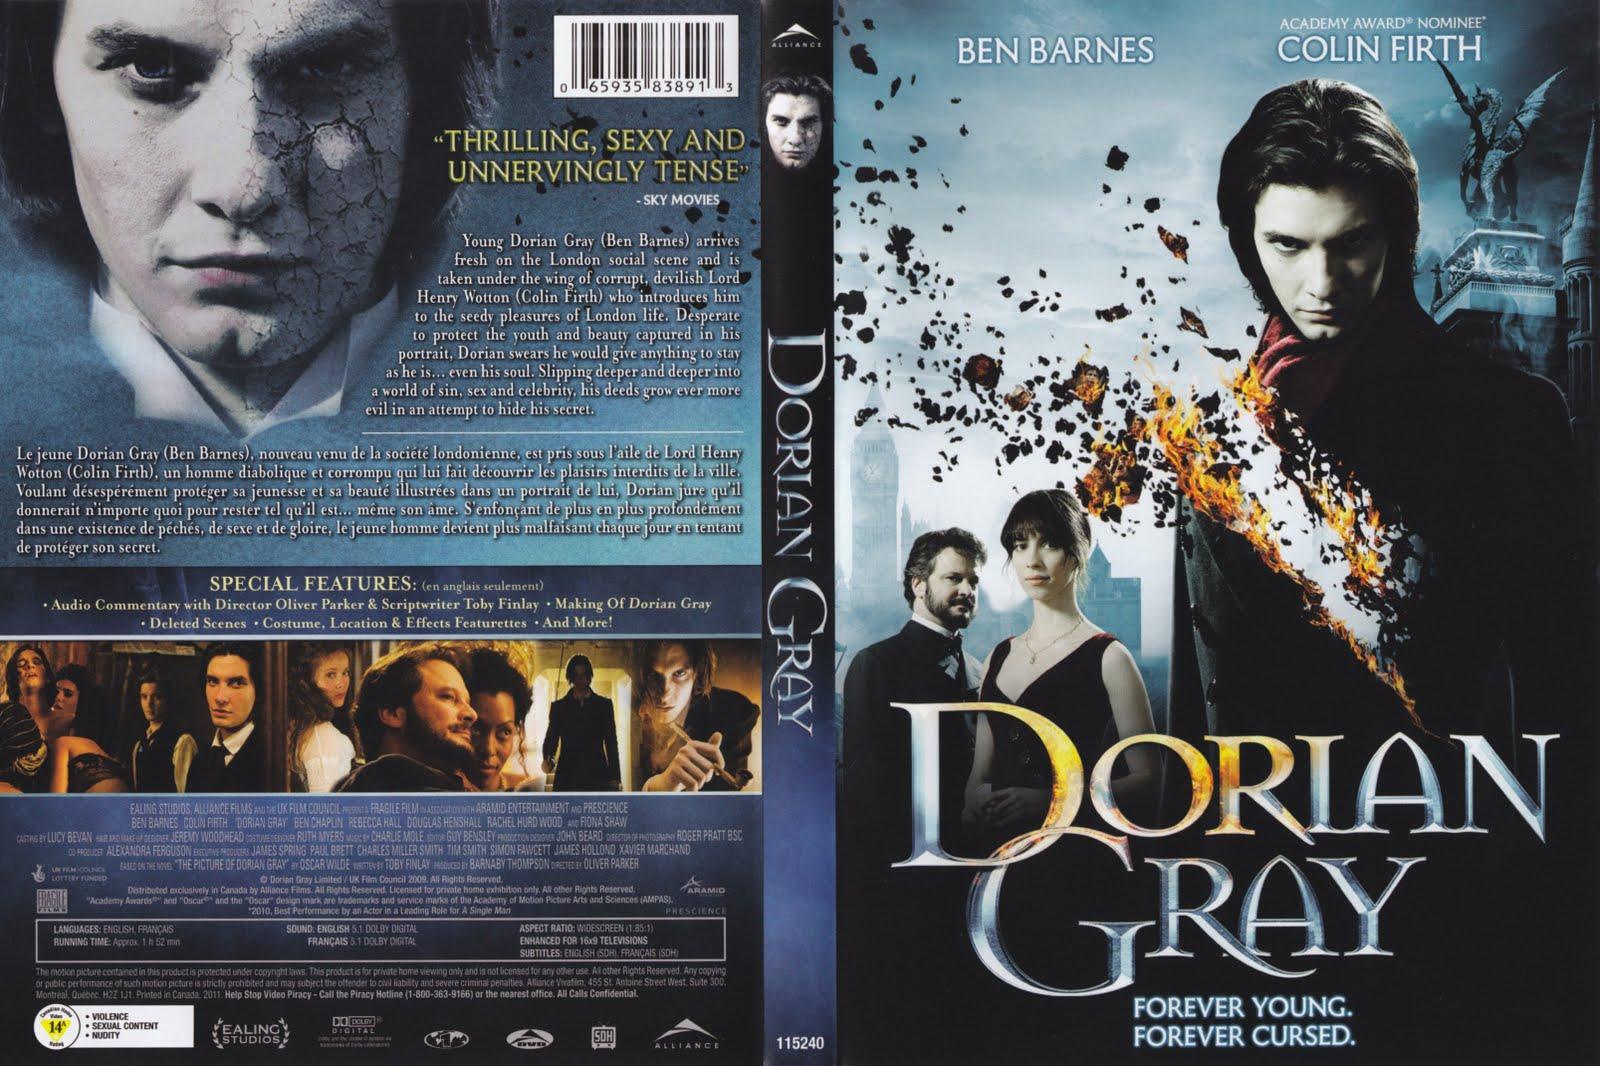 http://3.bp.blogspot.com/-vIWVEJkFFPA/TftX5grzcuI/AAAAAAAAAwY/G6yGPUQRLZ0/s1600/Dorian_Gray_R1-%255Bcdcovers_cc%255D-front.jpg